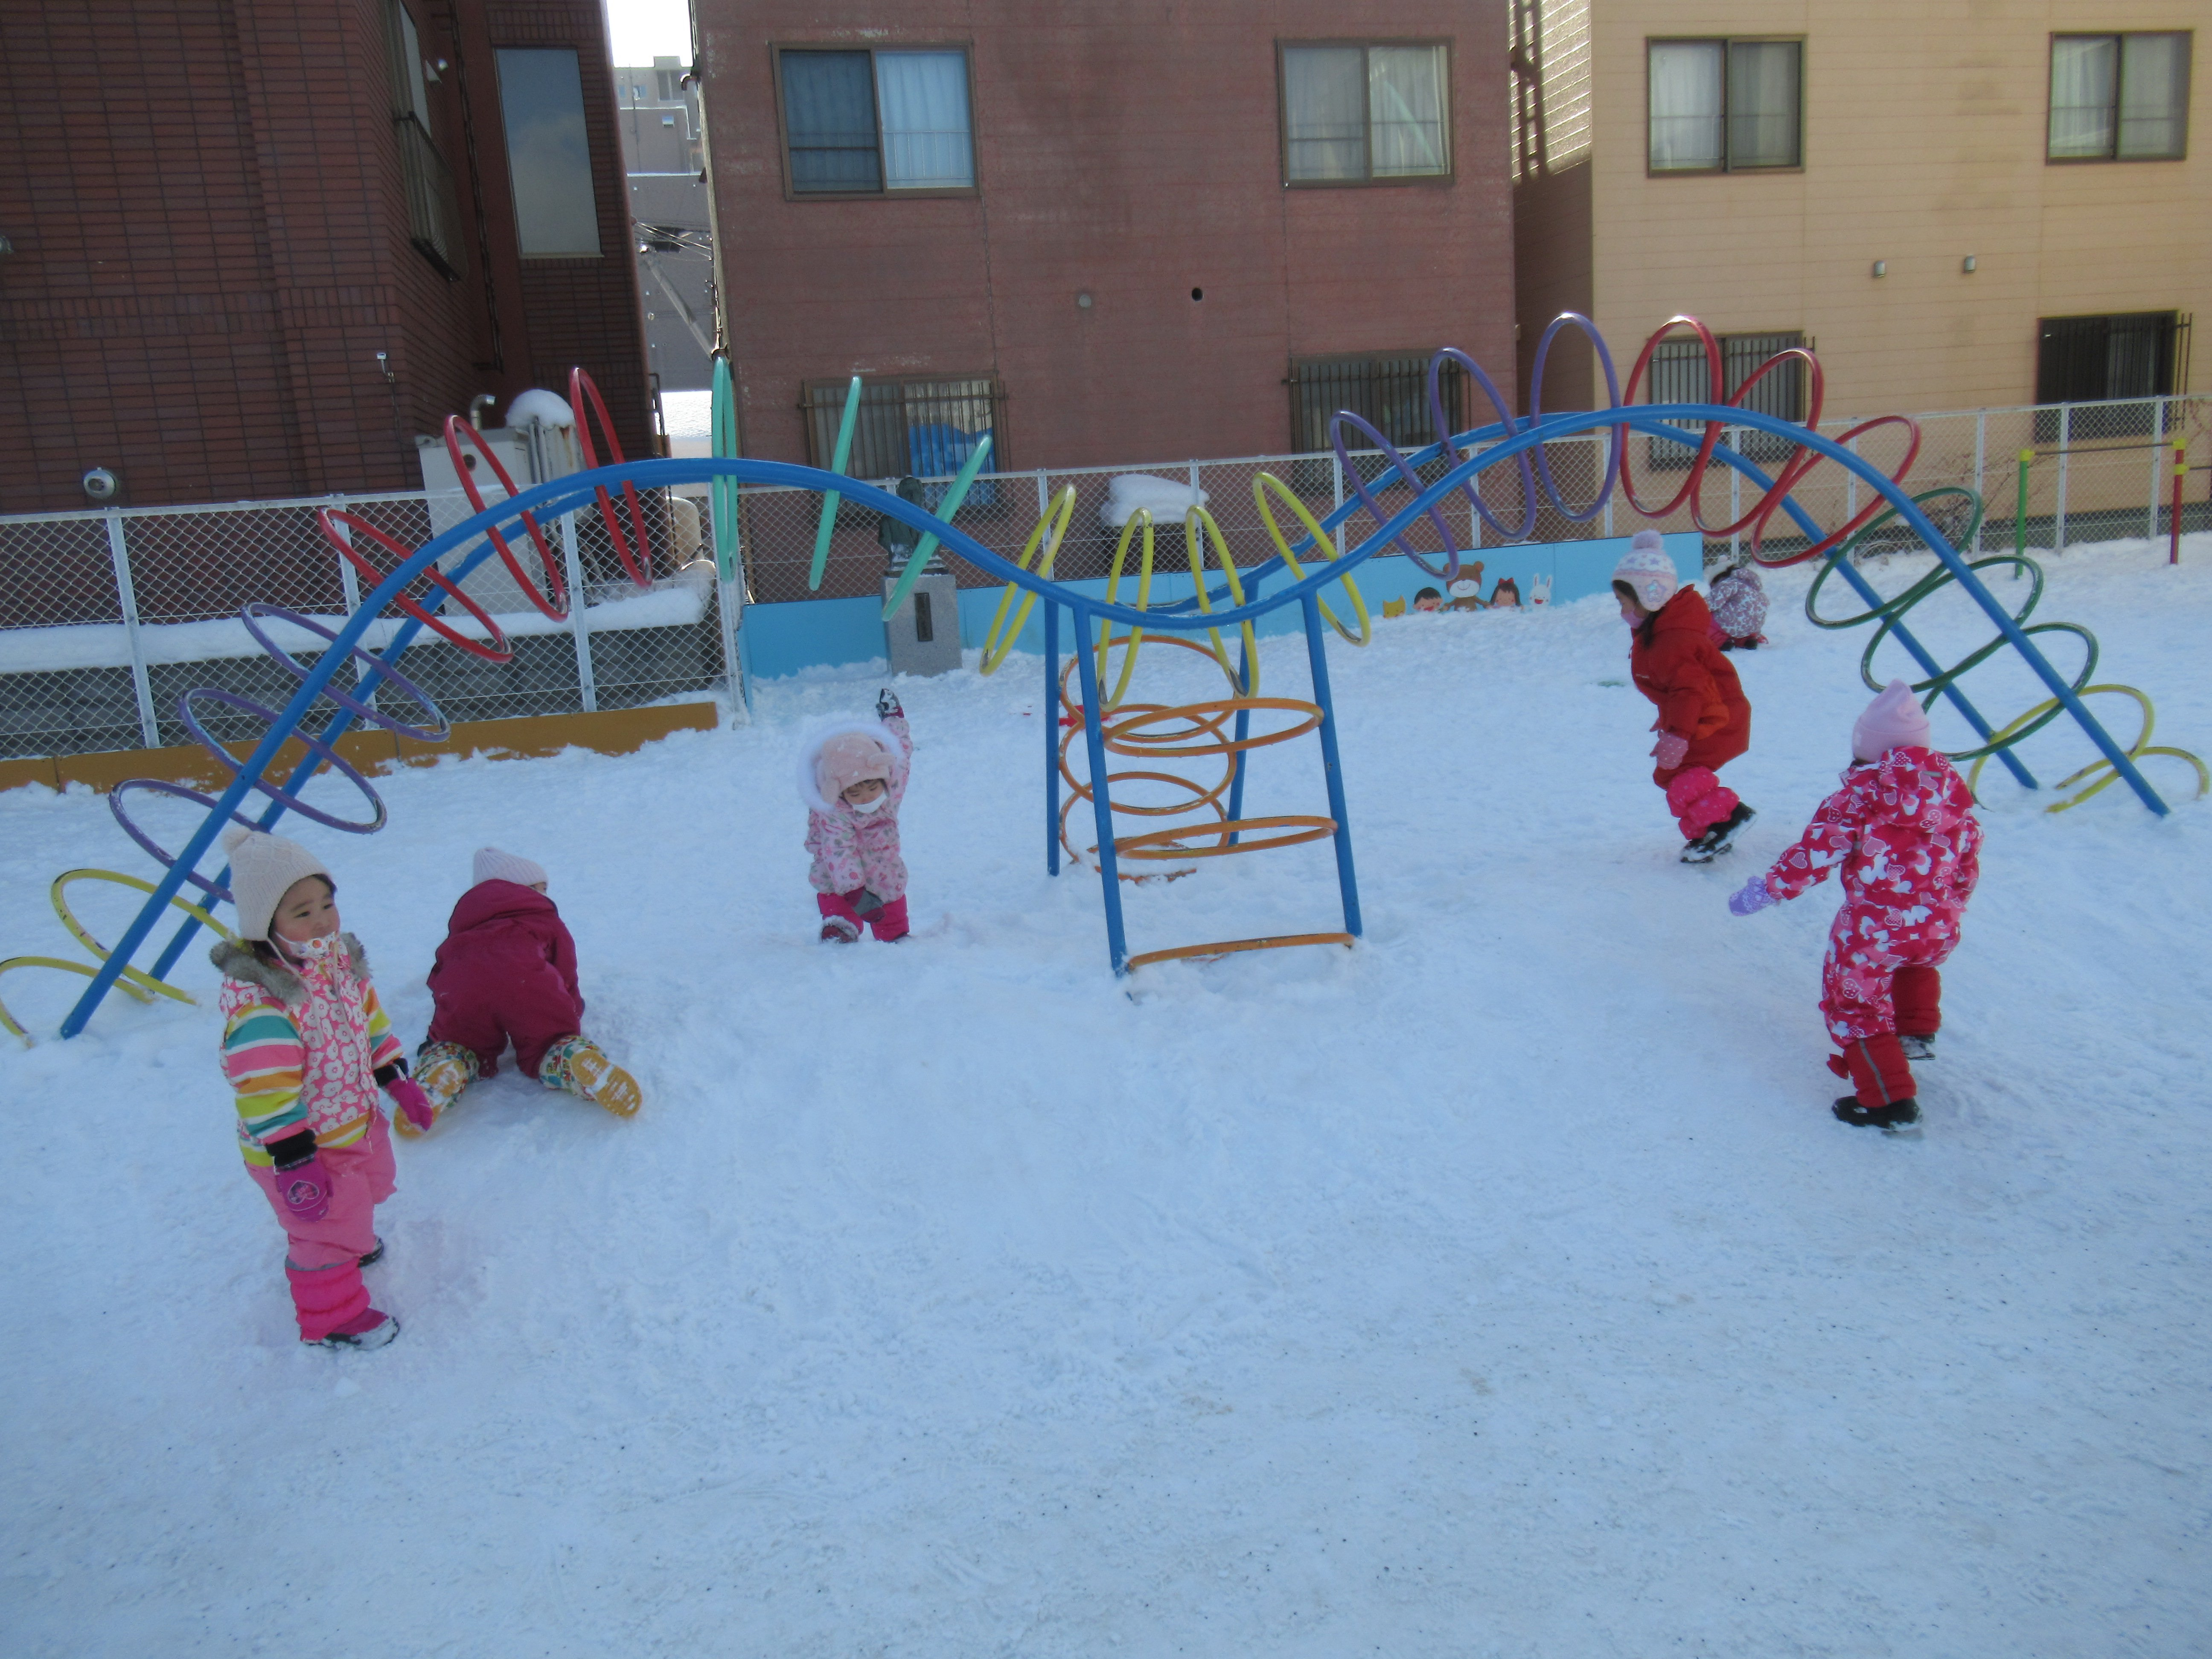 楽しい雪遊び★(ぺんぎん組)